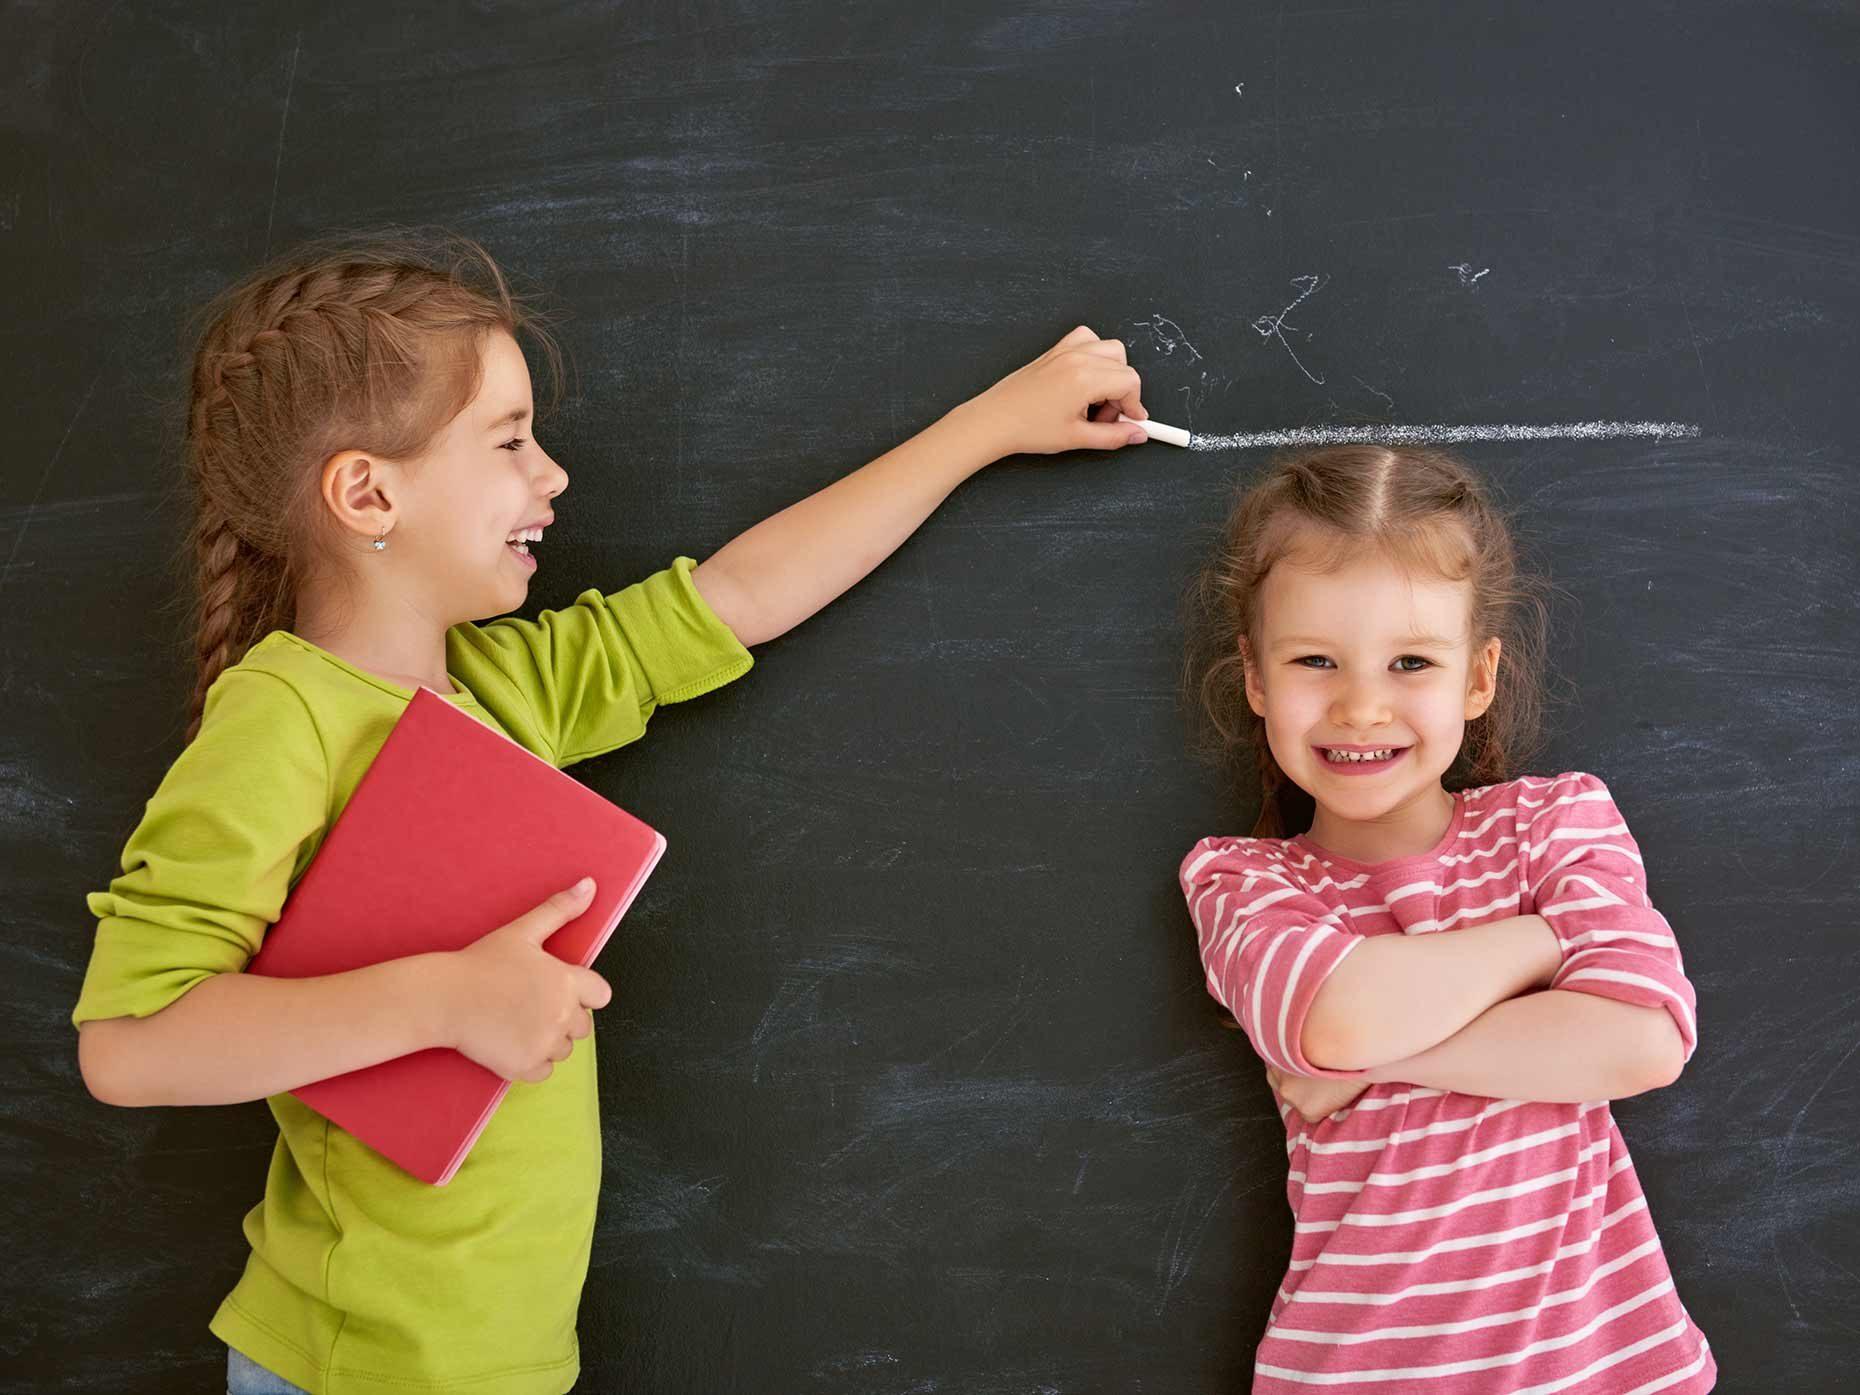 due bambine misurano la propria altezza